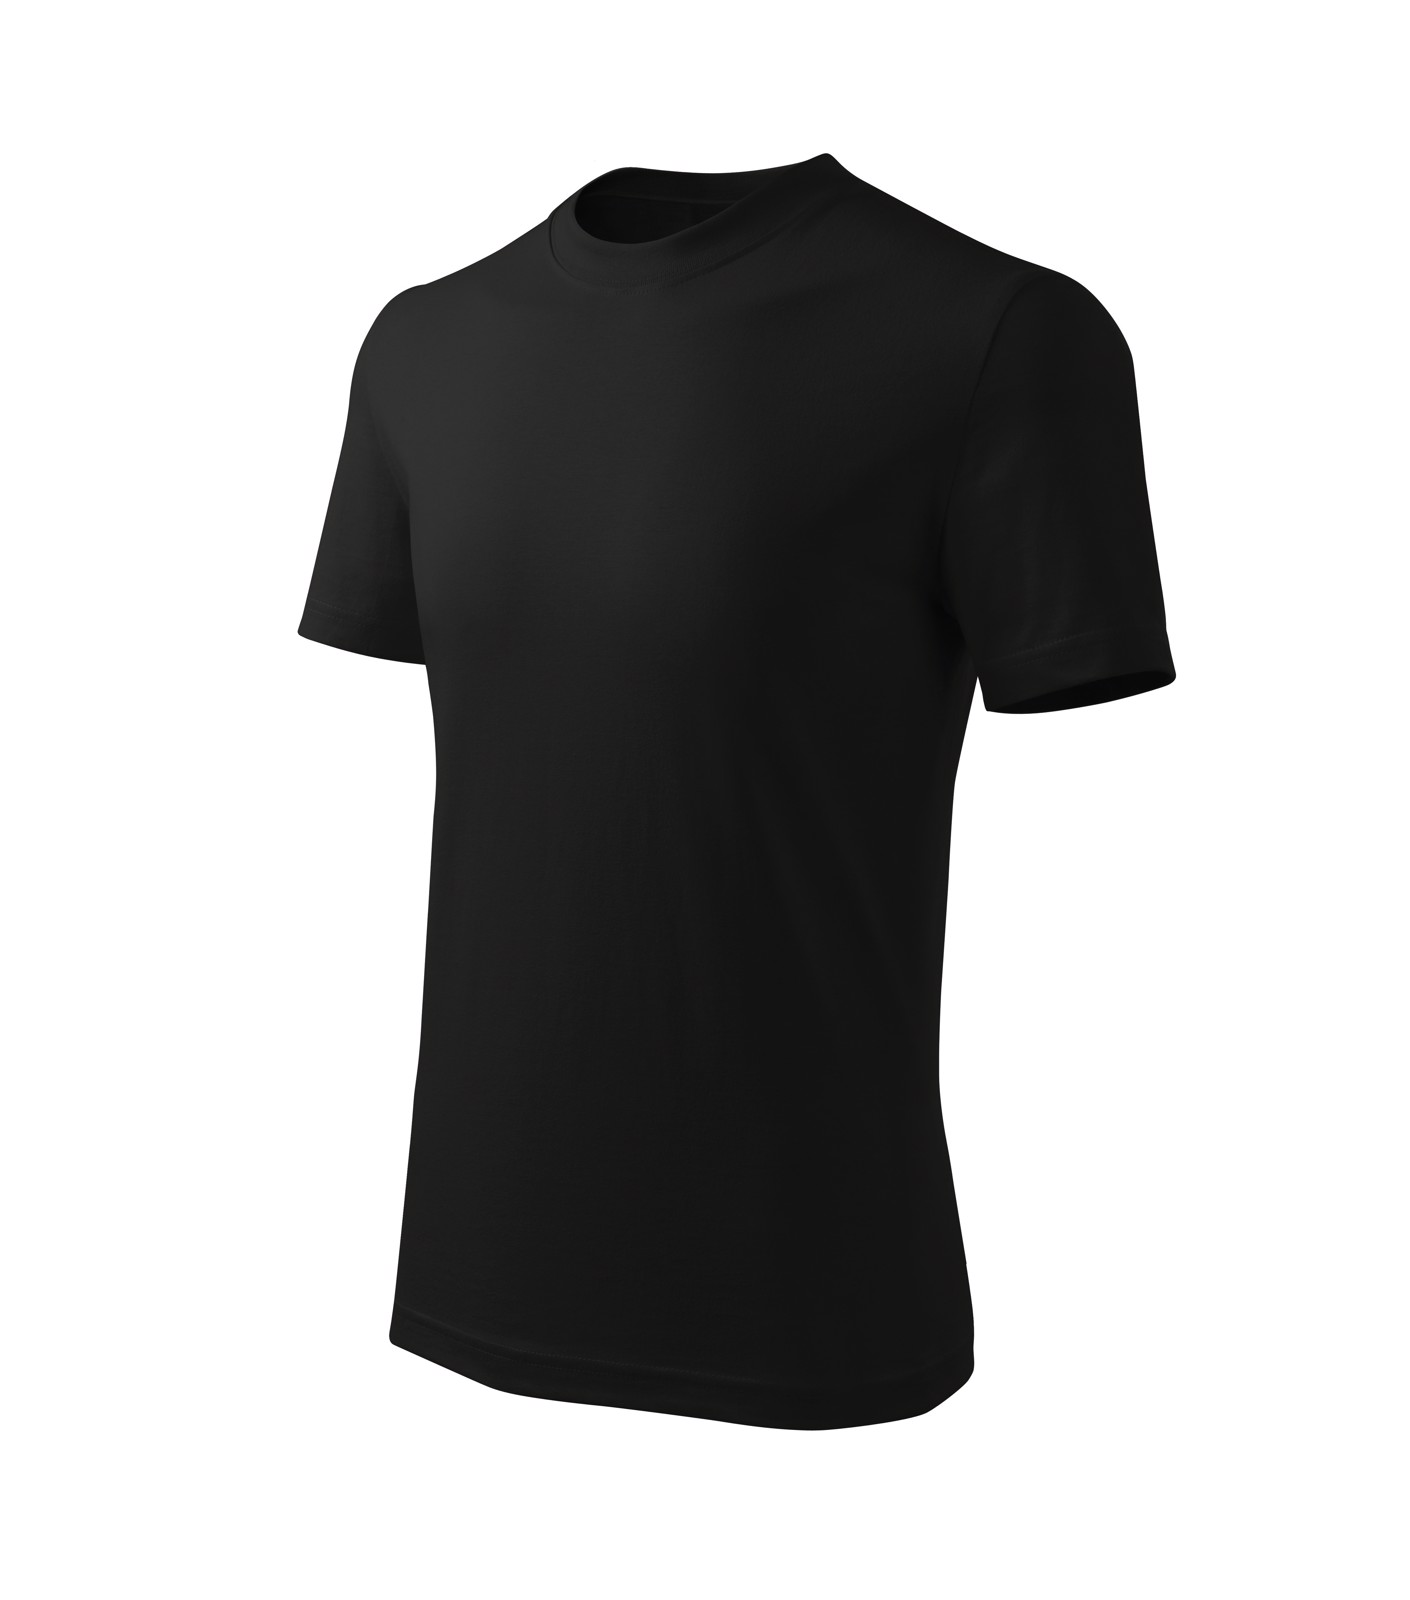 Tričko dětské Malfini Basic Free - Černá / 146 cm/10 let